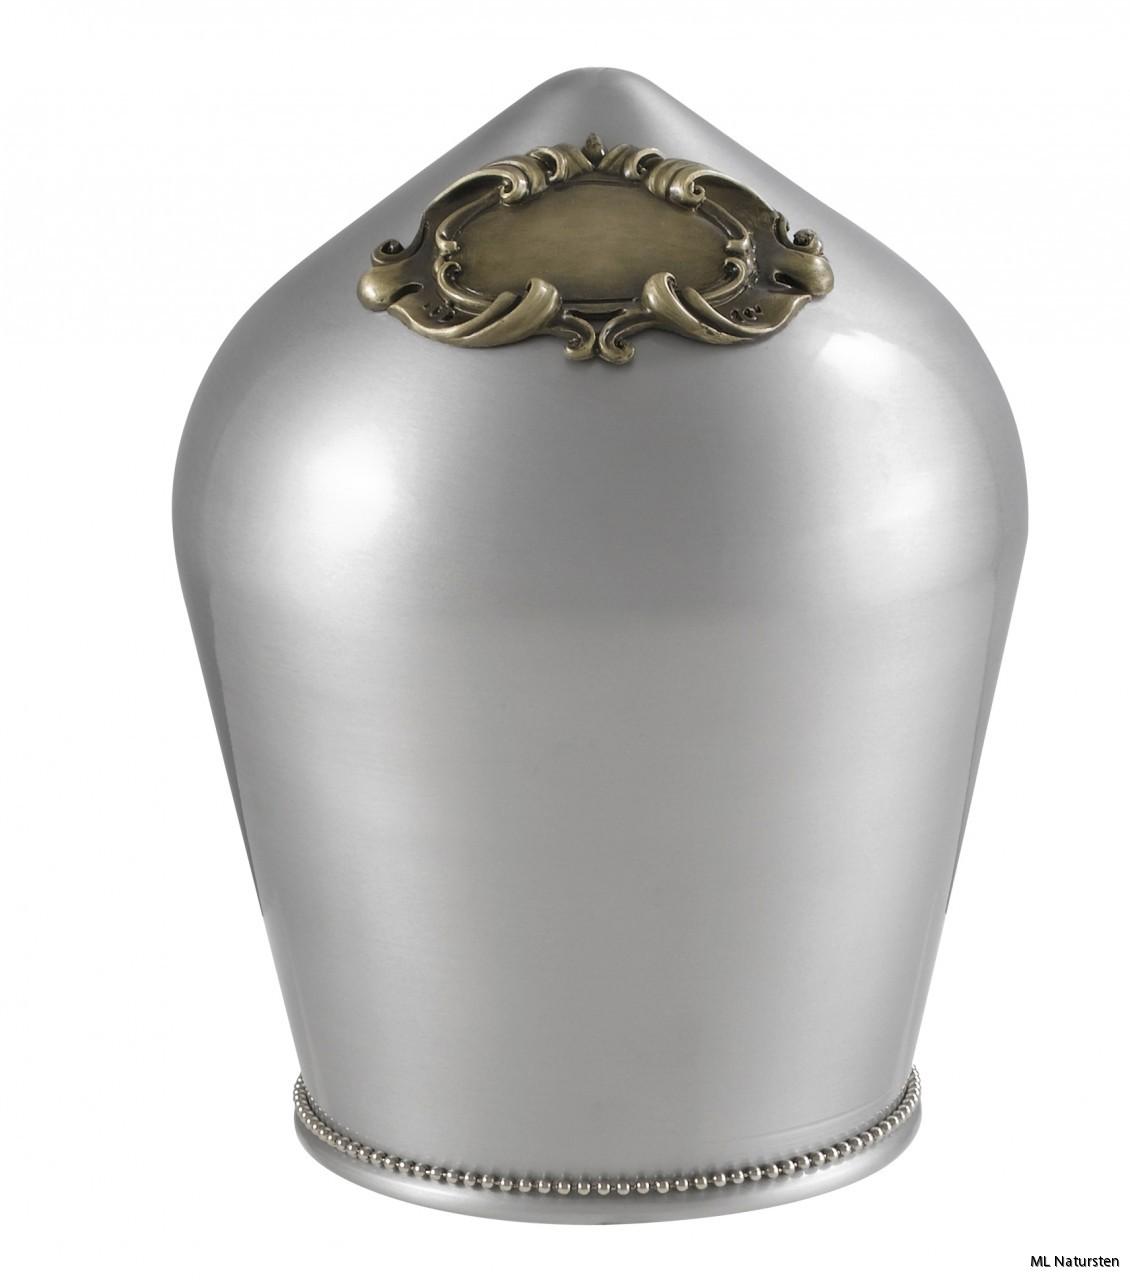 urne_38 (Askurna 2 - 1034.2.AL)